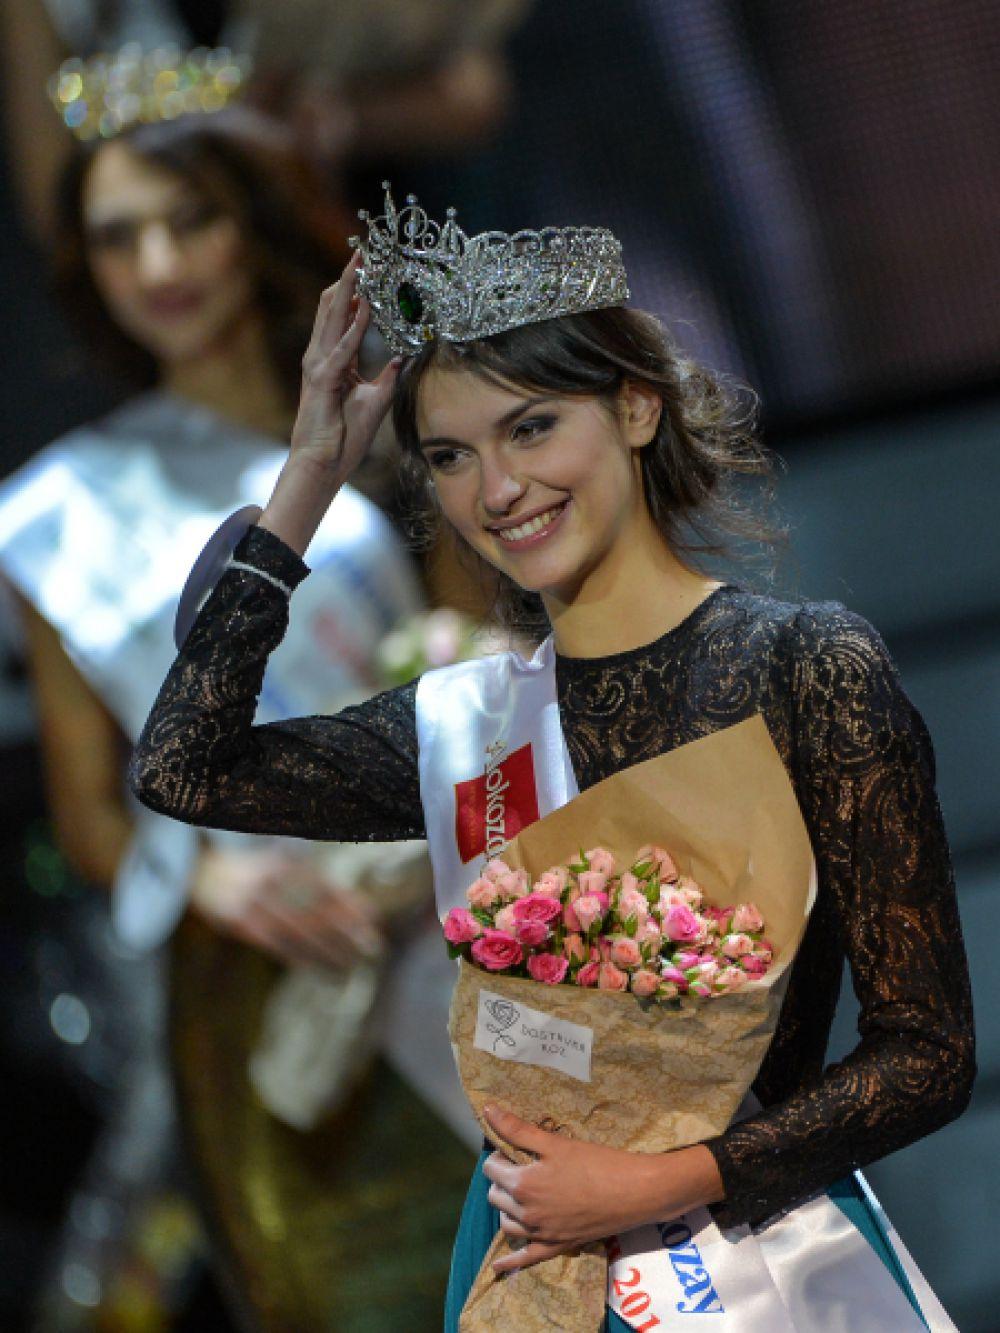 Александра Черепанова (Приморский край), завоевавшая Гран-при XXI Национального фестиваля талантов и красоты «Краса России», на церемонии награждения в Москве.